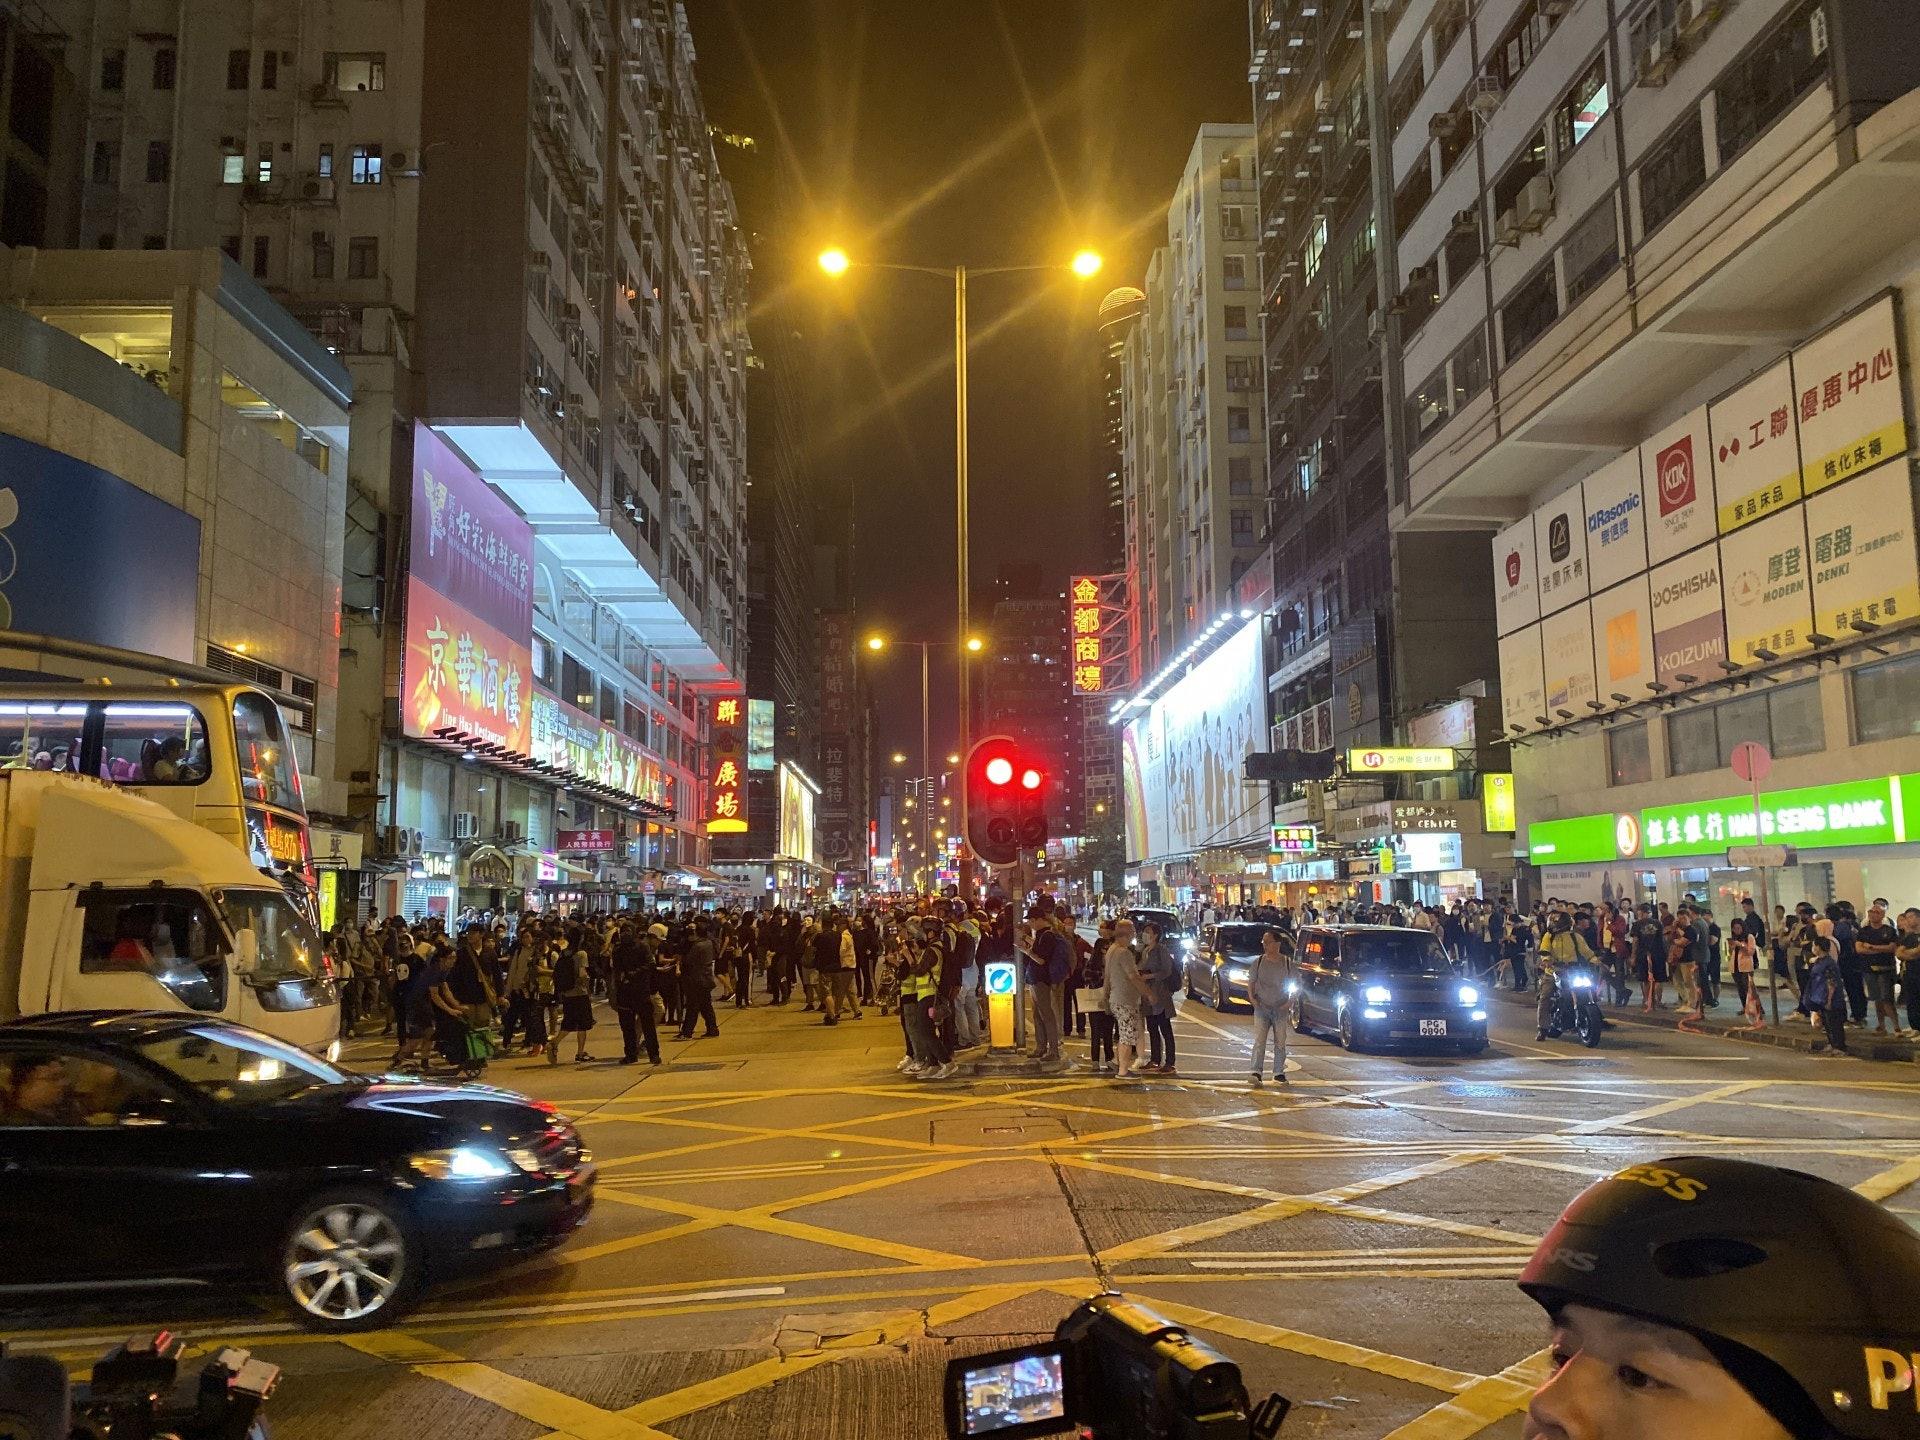 多名黑衣示威者步出彌敦道。(陳浩然攝)